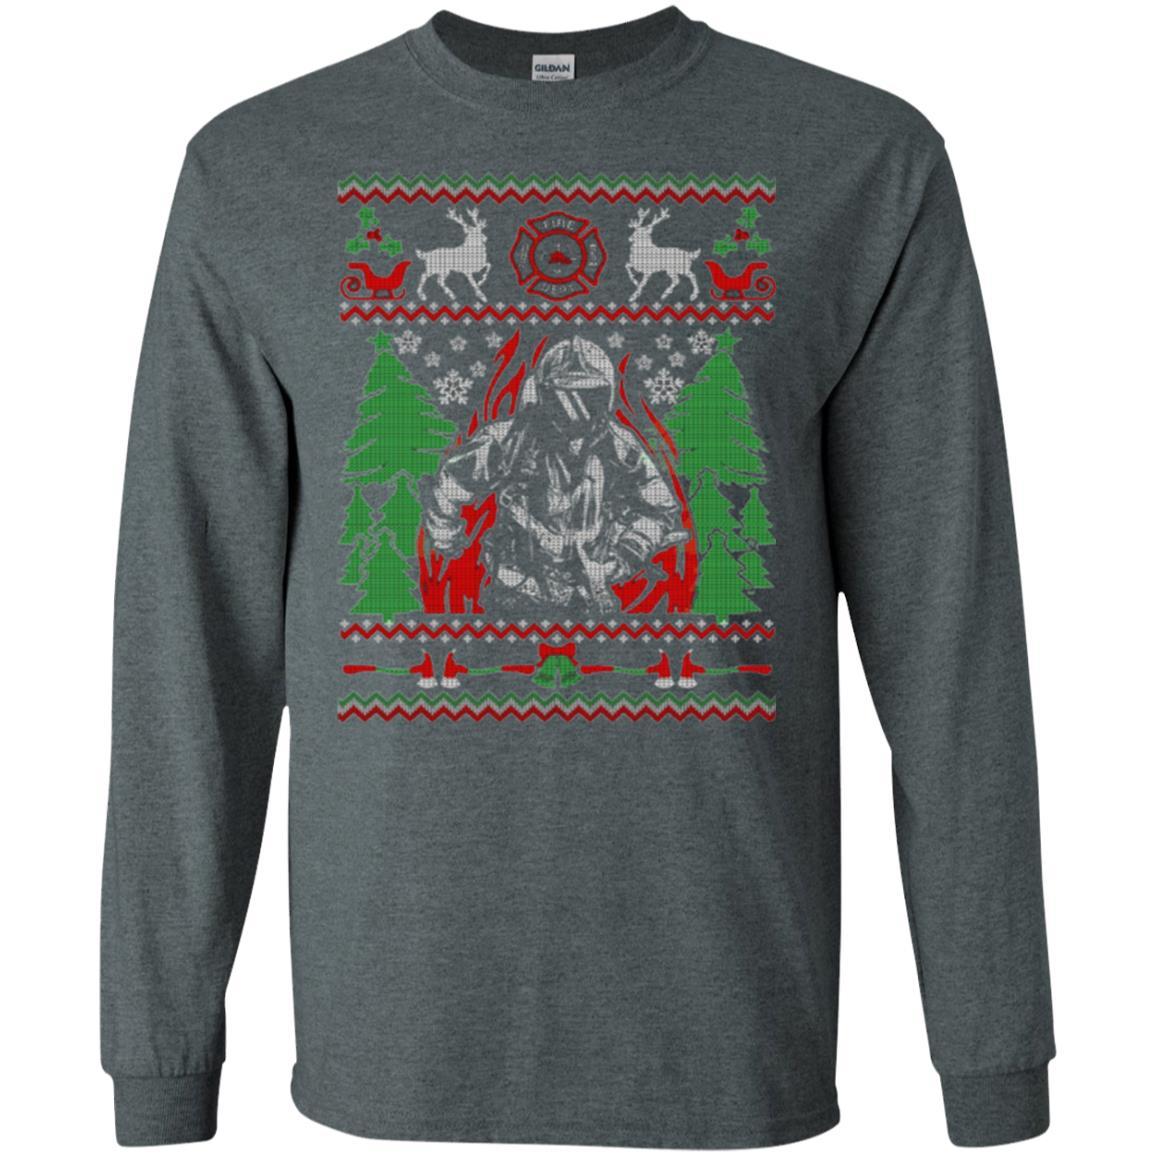 Firefighter Christmas Shirt.Firefighter Christmas Ugly Christmas Firefighter Long Sleeve T Shirt